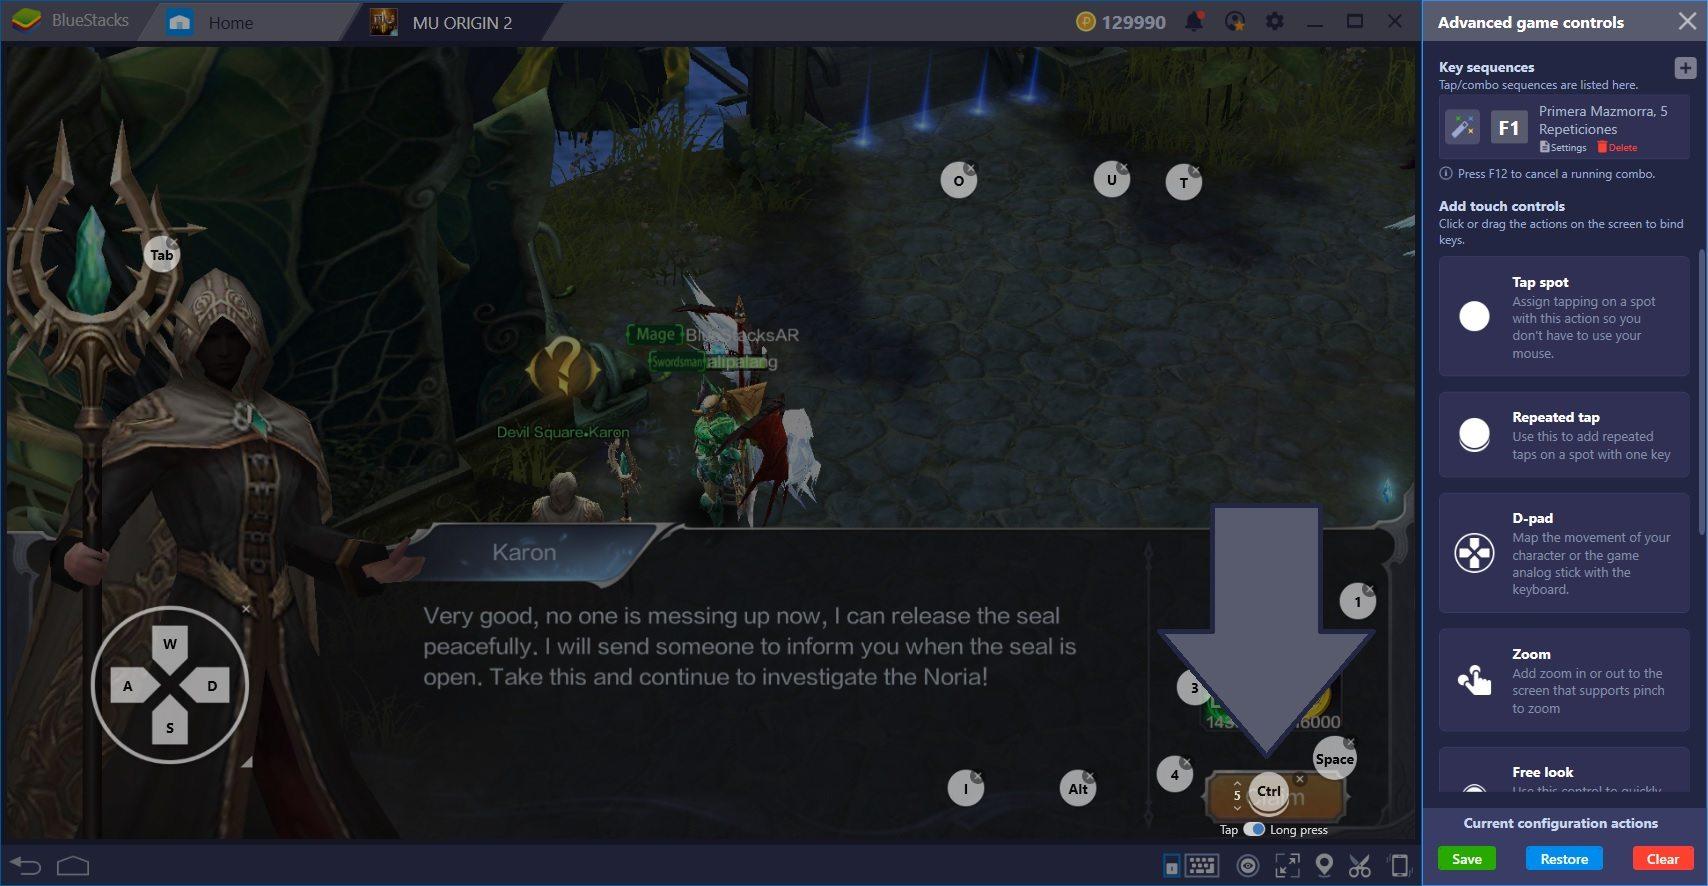 دليل استخدام BlueStacks لـ MU Origin 2